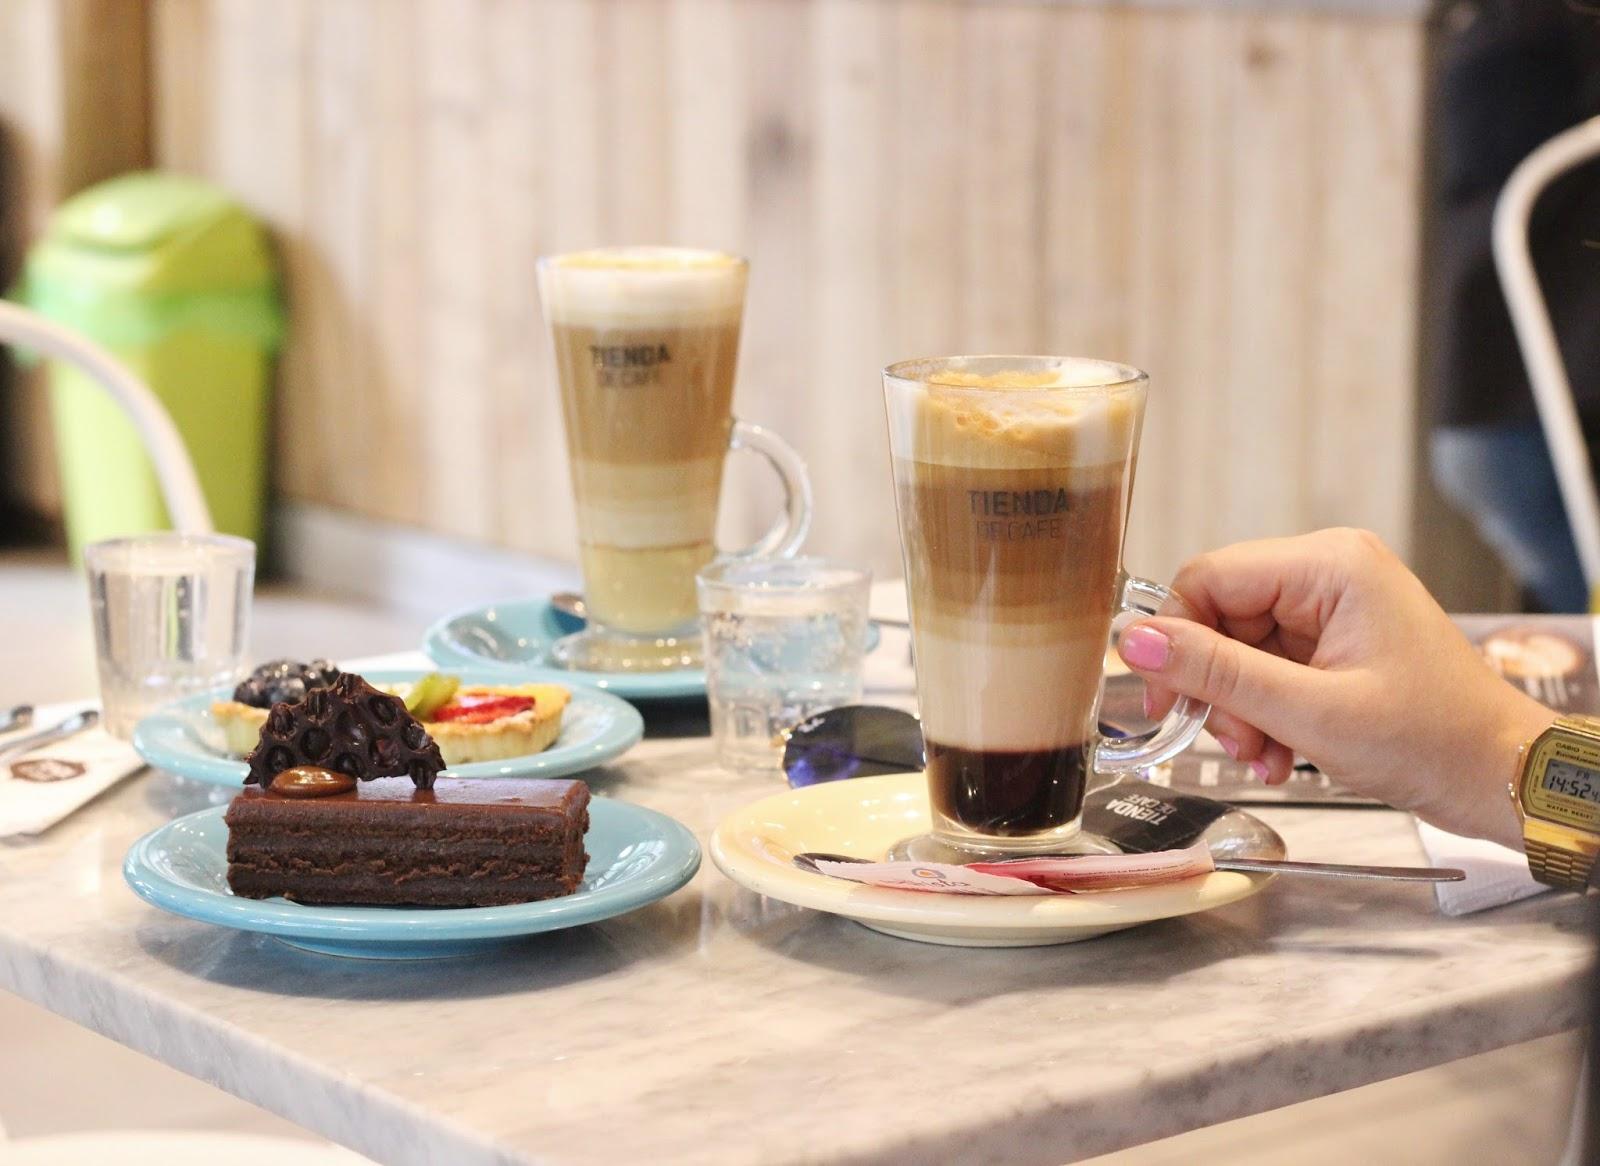 Tienda de Cafe tortas